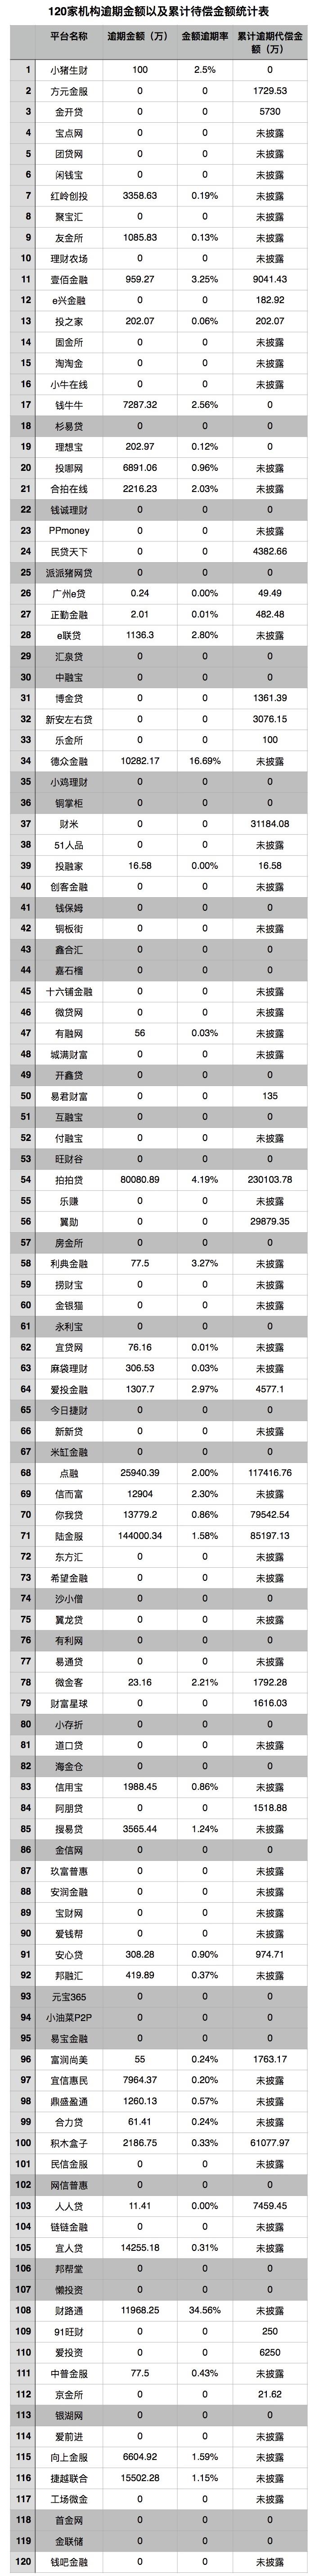 中国互金协会拟核查零逾期、零代偿平台,涉及三十余平台